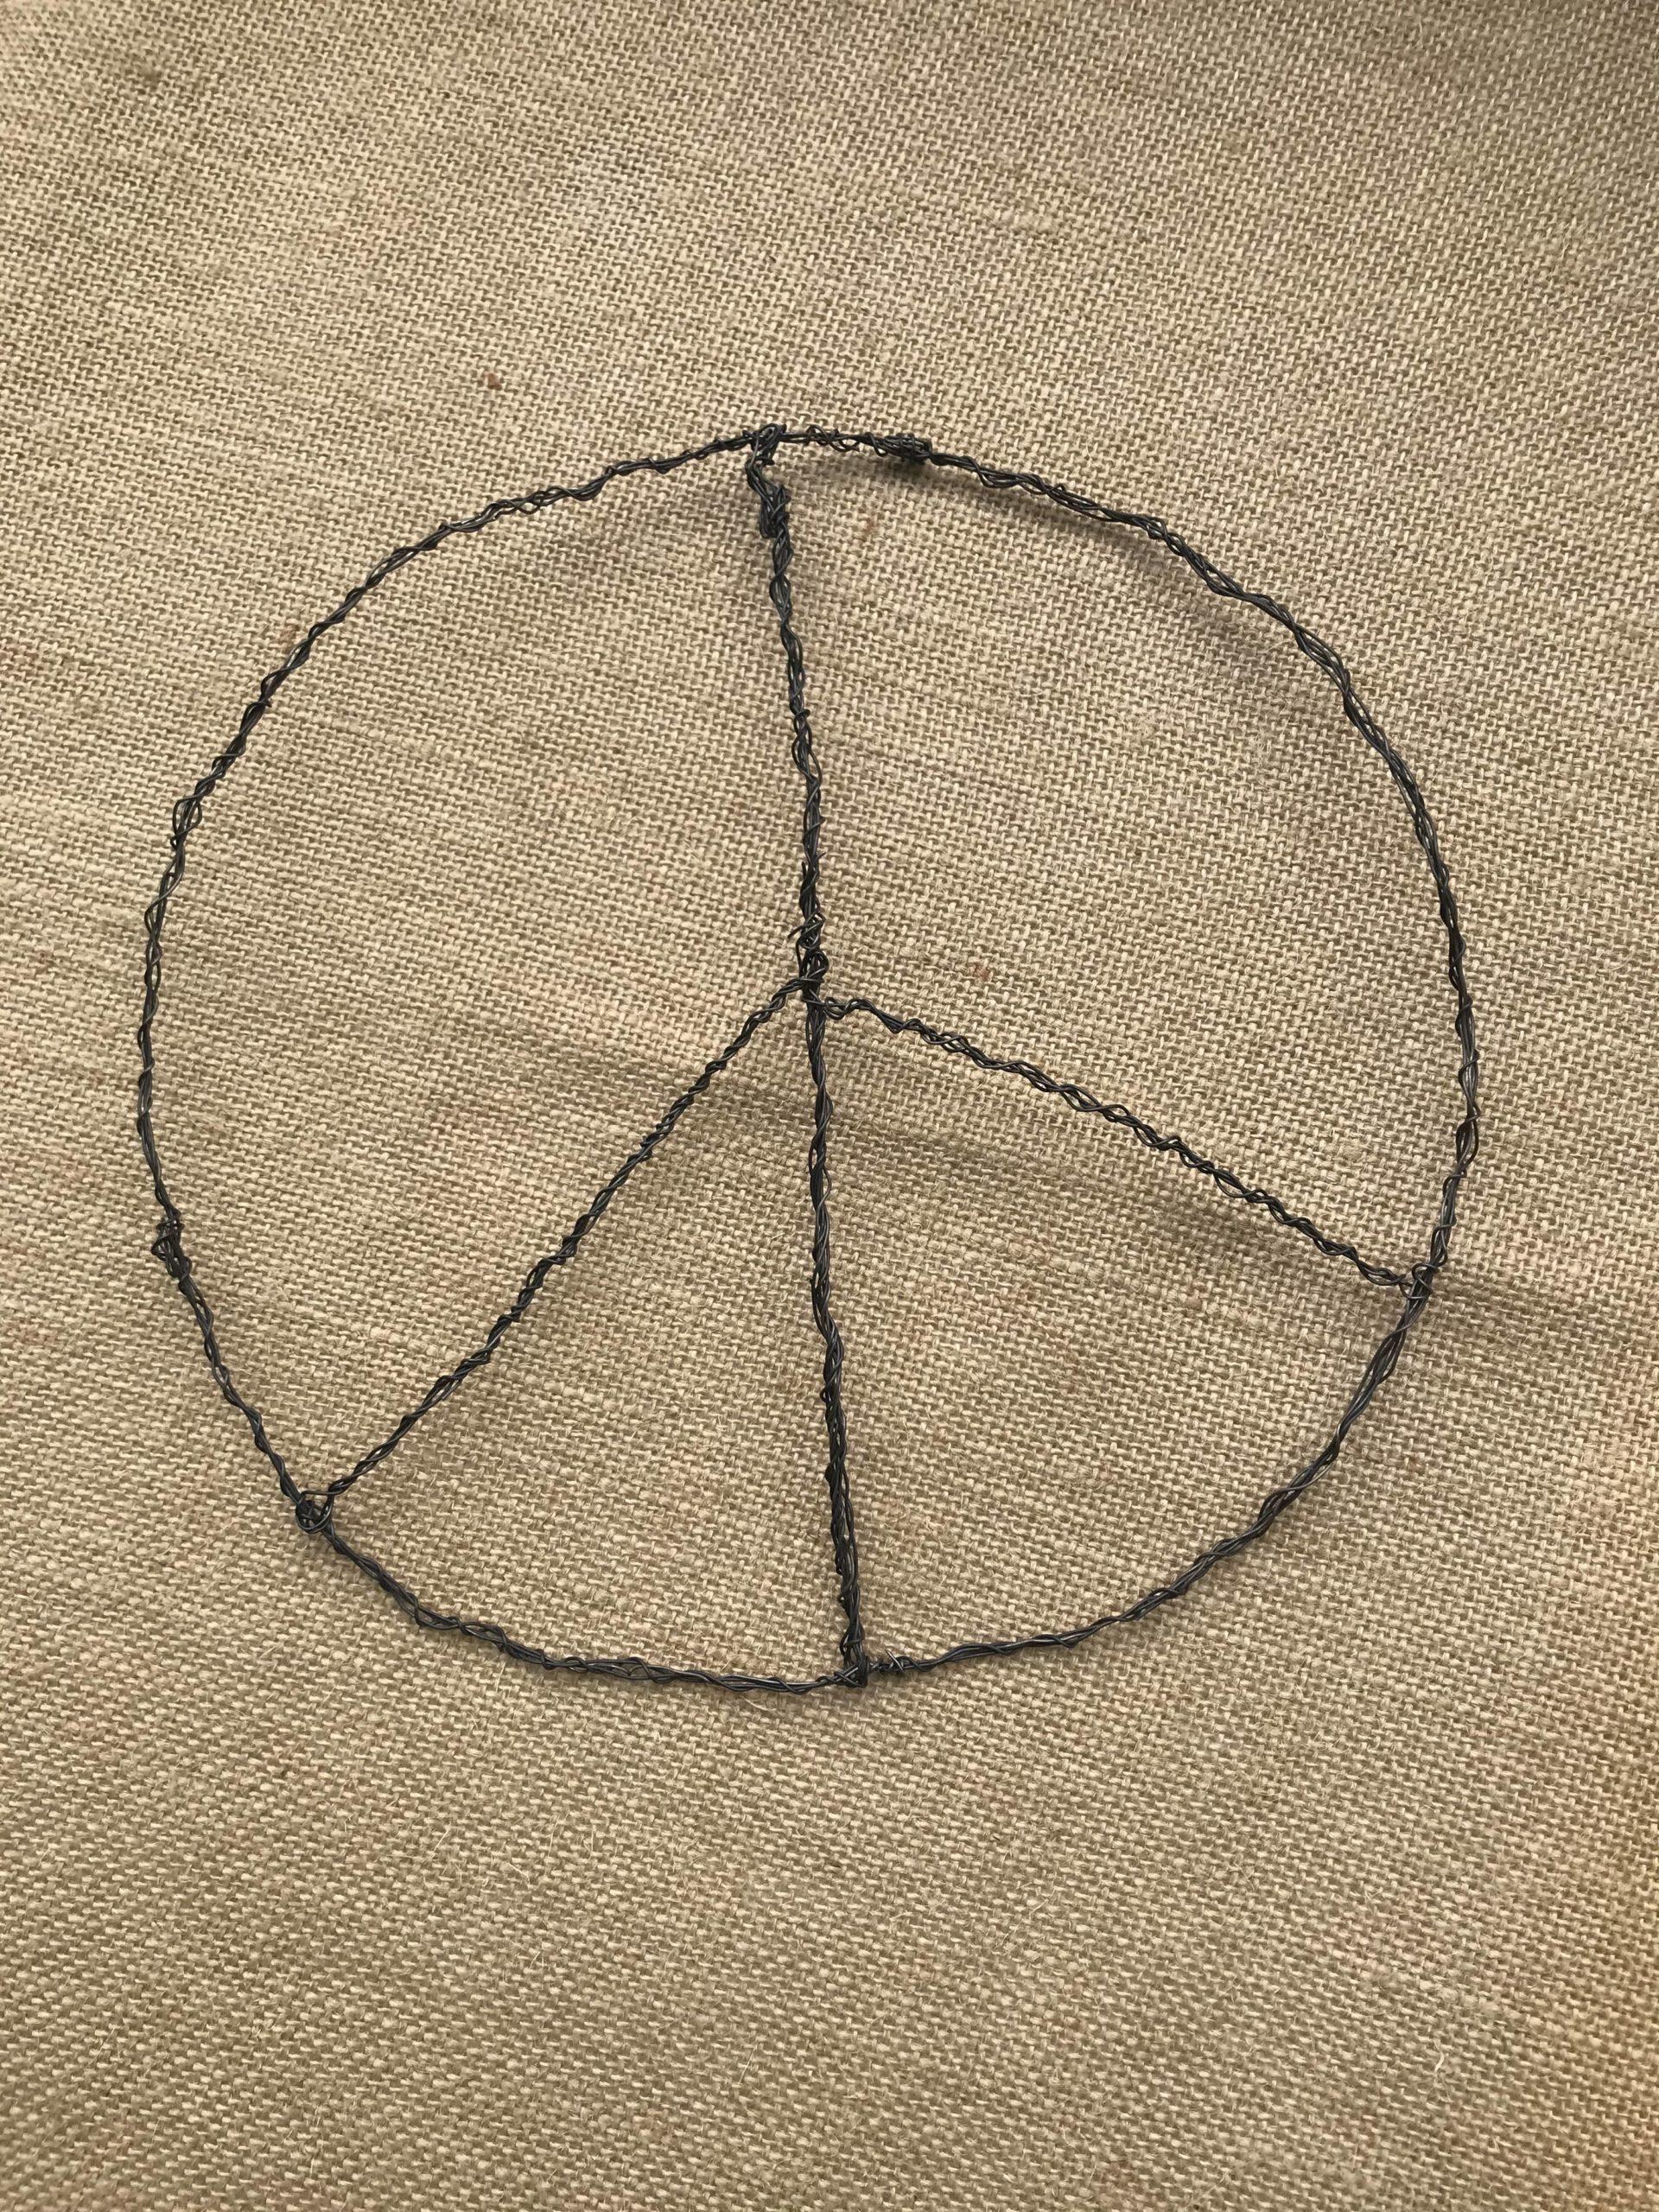 Flower Power Peacezeichen Kranz binden. #Chalet8 #Peacezeichen #Kranz